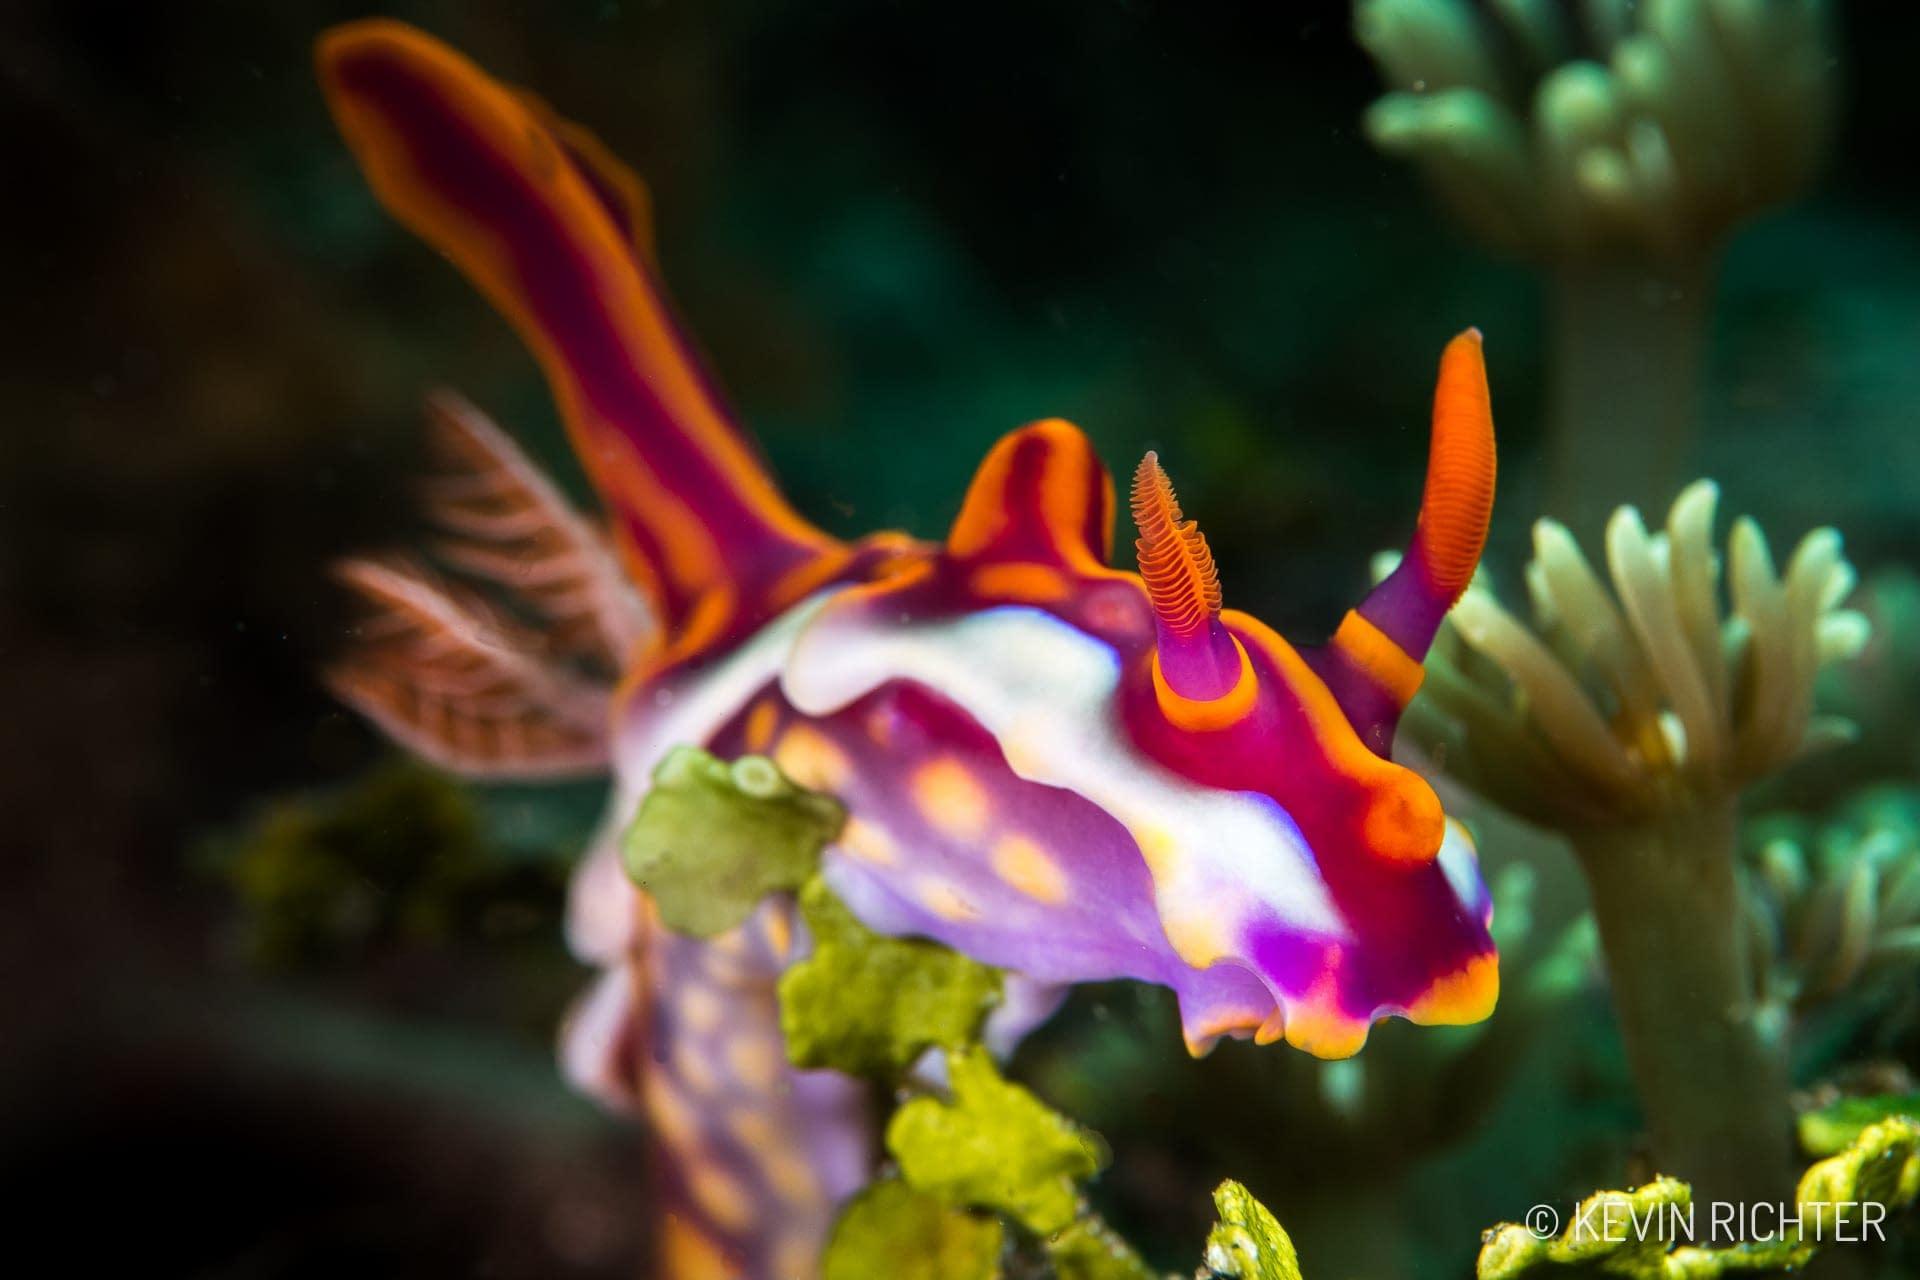 Miamira magnifica - Alor - Kevin Richter oceandiveloper.com